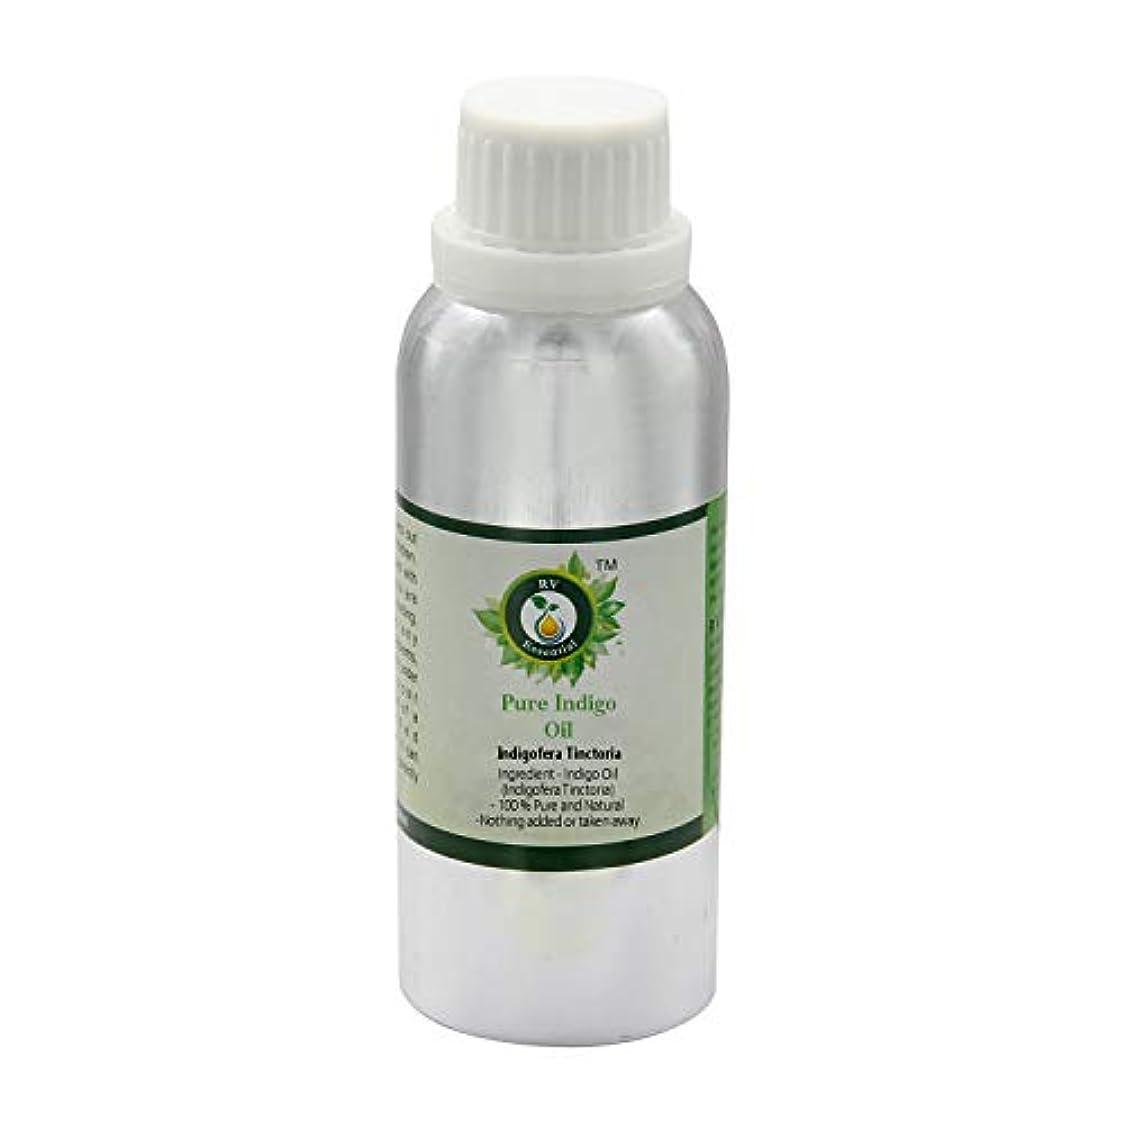 ピュアインディゴオイル630ml (21oz)- Indigofera Tinctoria (100%純粋でナチュラル) Pure Indigo Oil